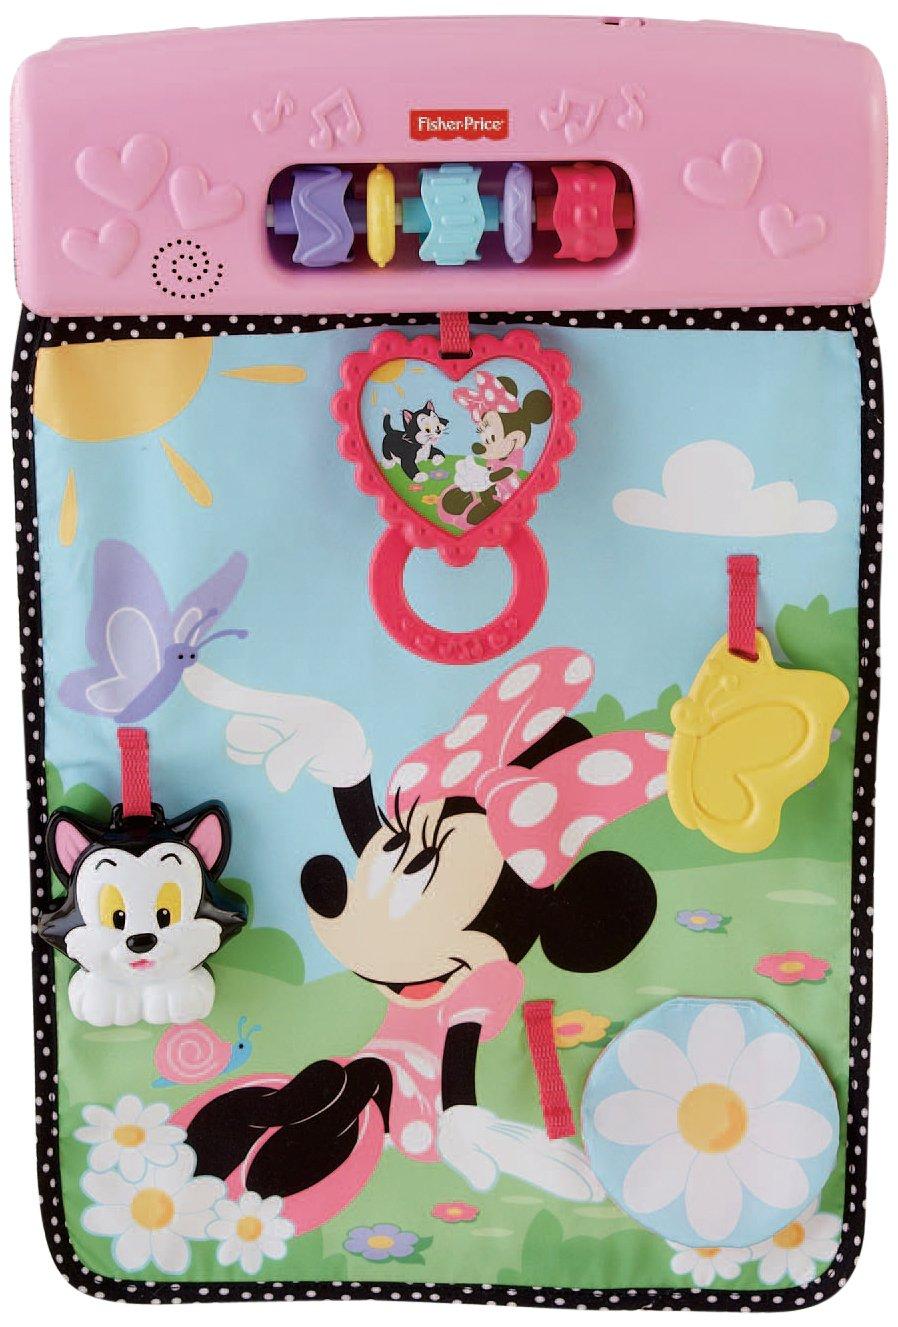 Disney ディズニ Baby Minnie ベビー ミニー プレイヤードパネル(Y3634)平行輸入   B0092YYF74